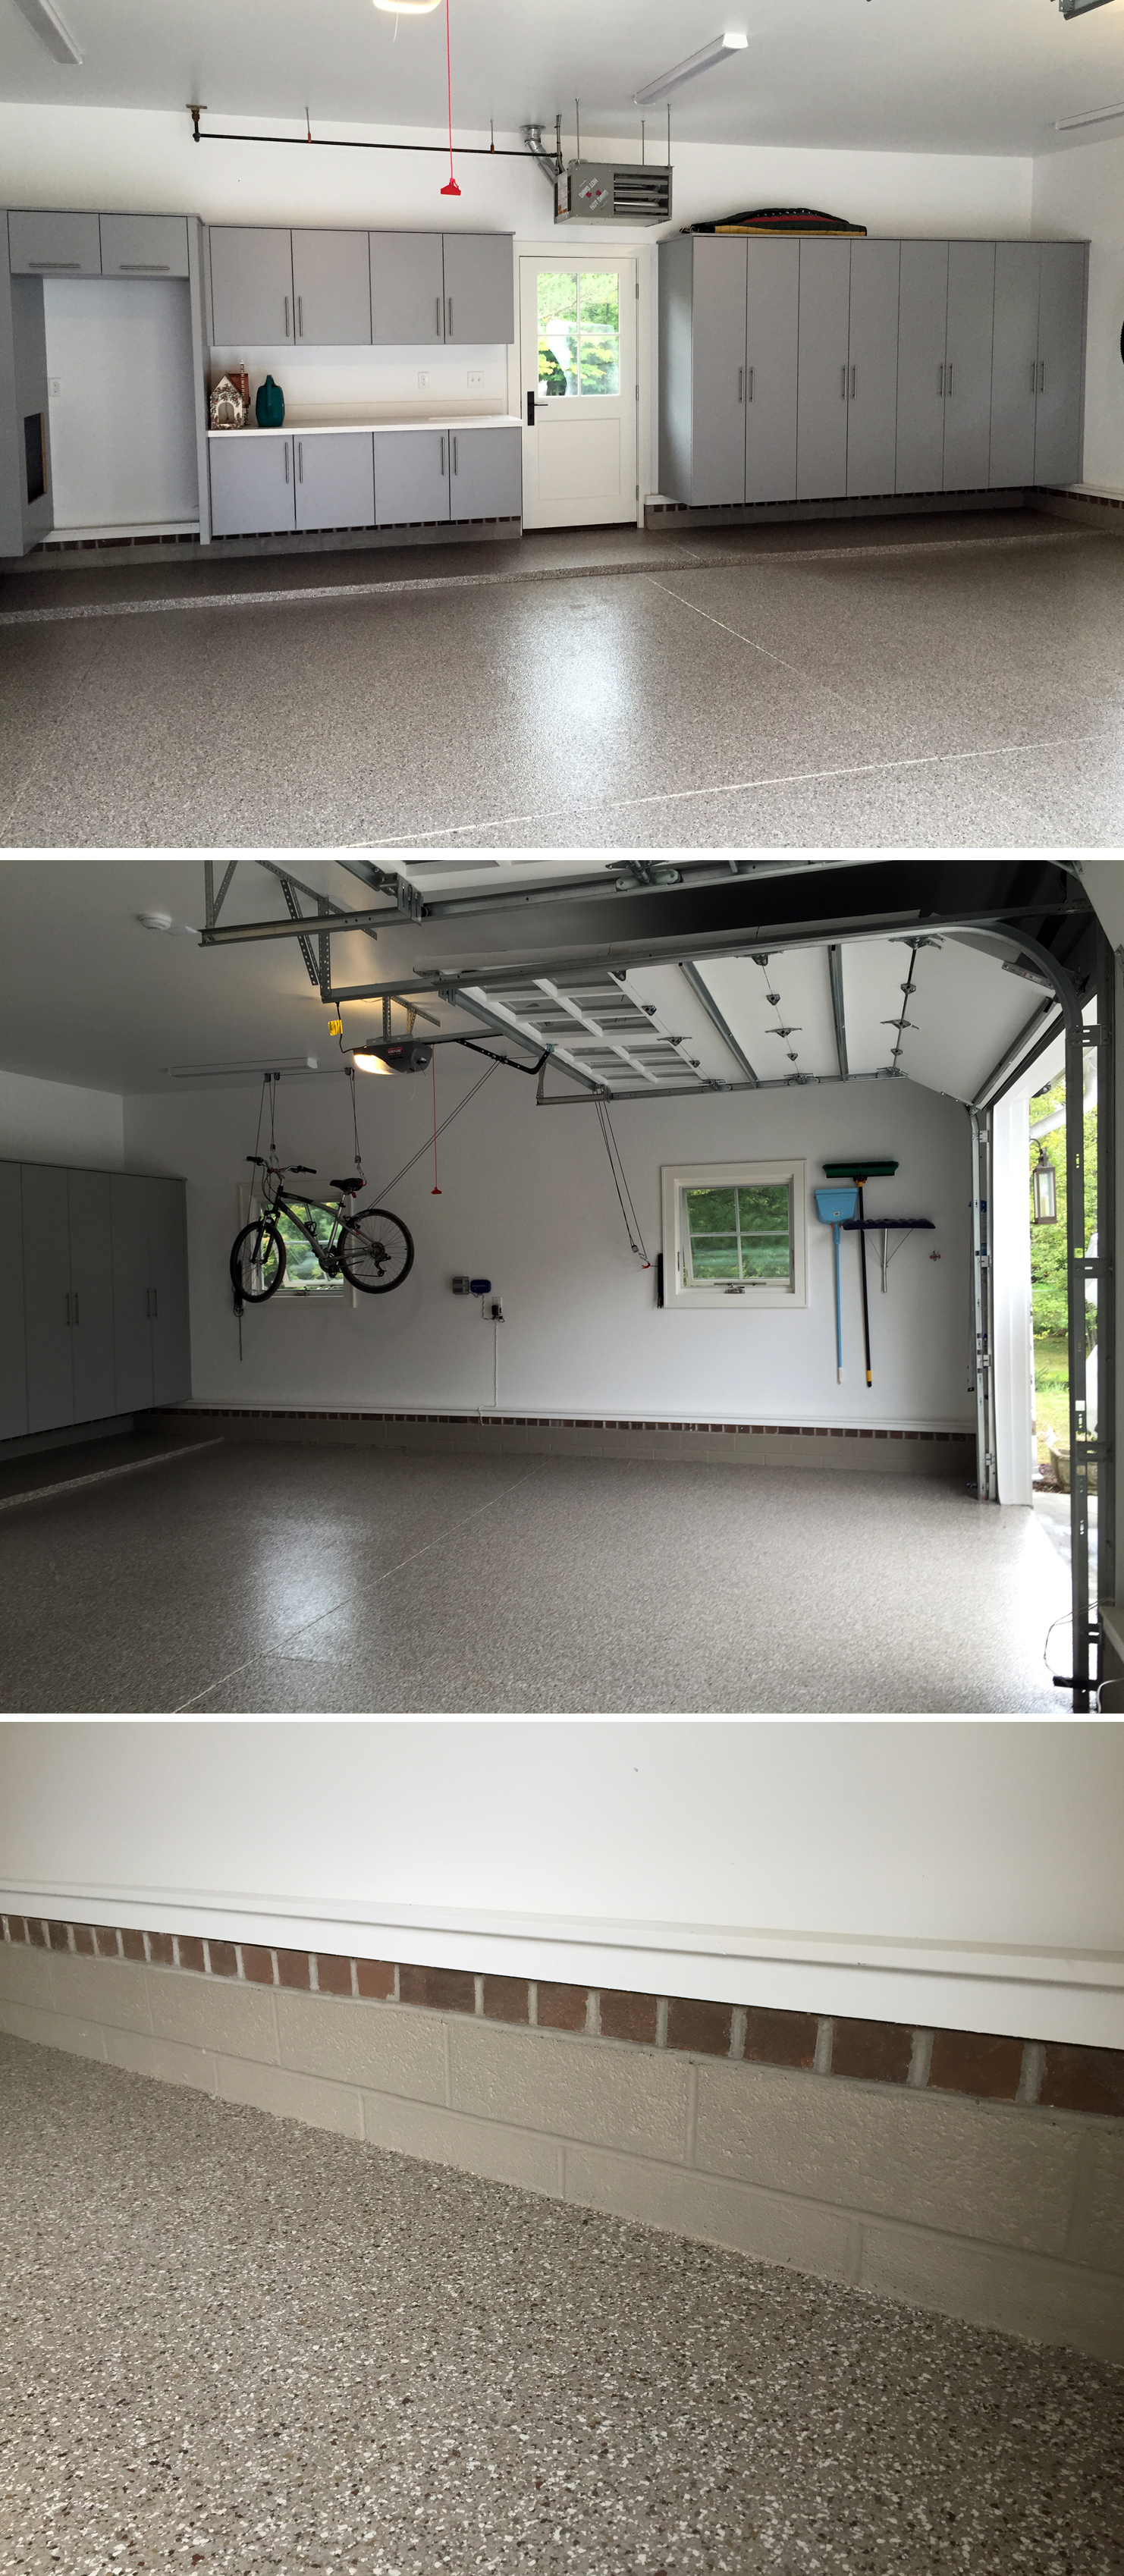 Hudson, OH - Garage Floor Coating